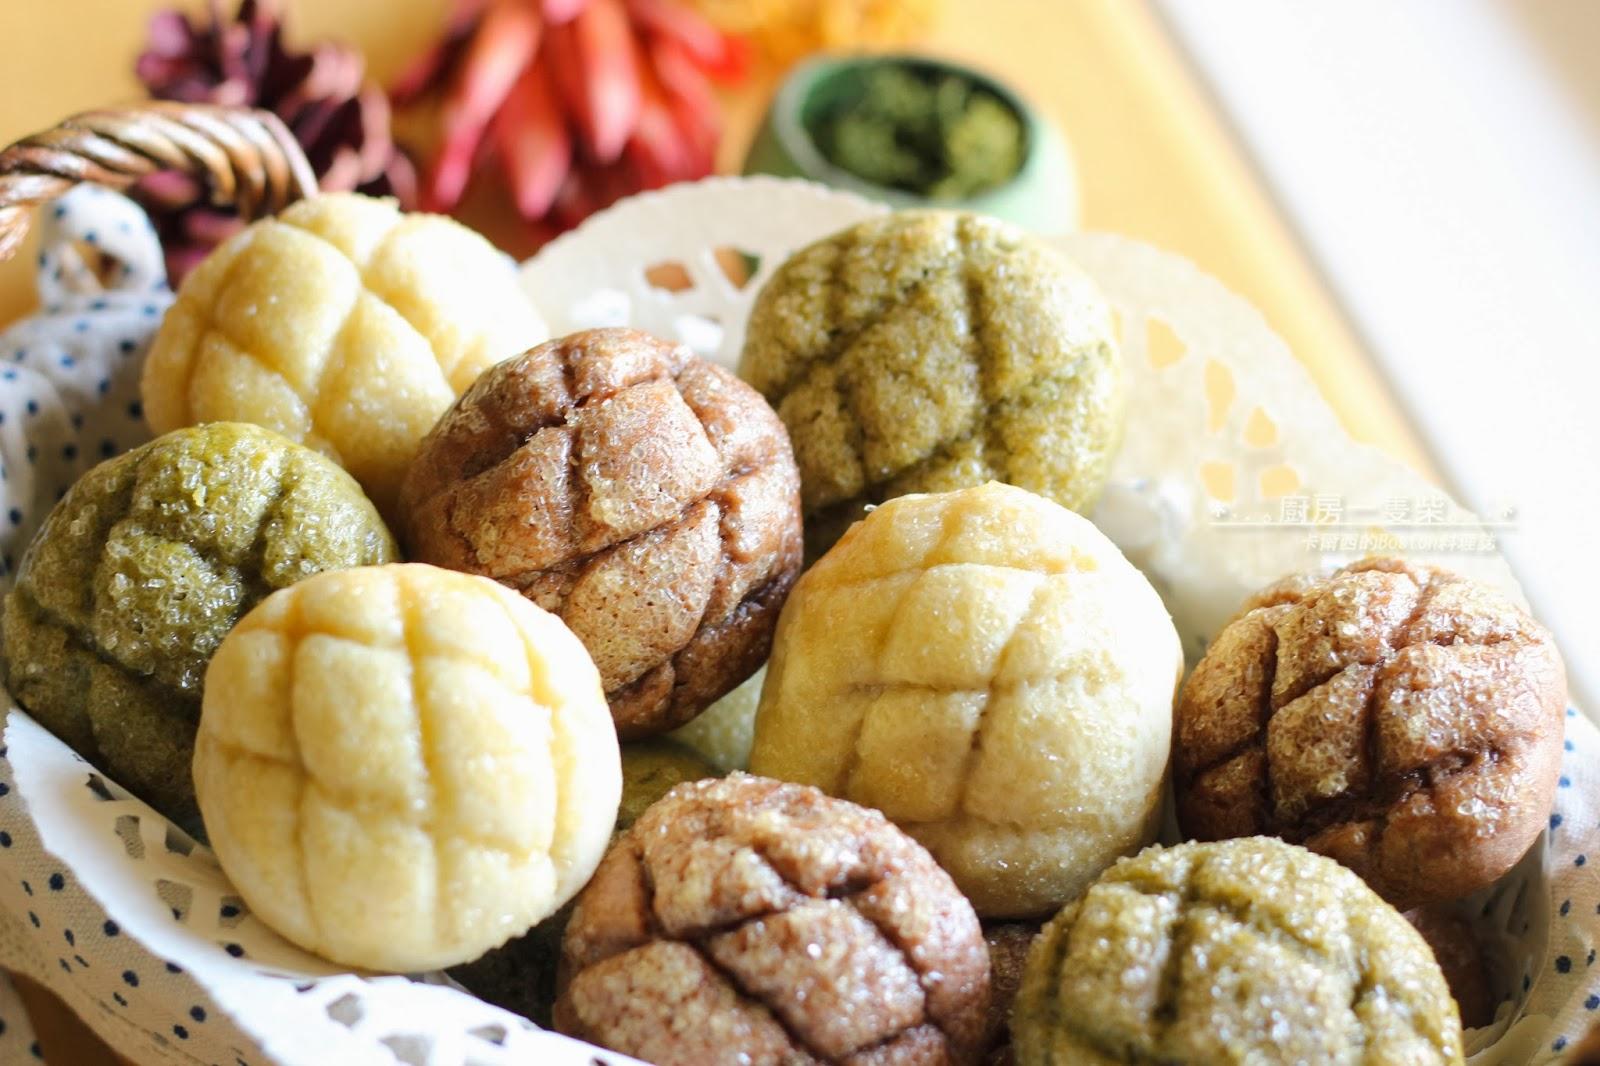 ★ 簡易 迷你 菠蘿 麵包 ★ 自己 做 的 麵包 健康 又 ...